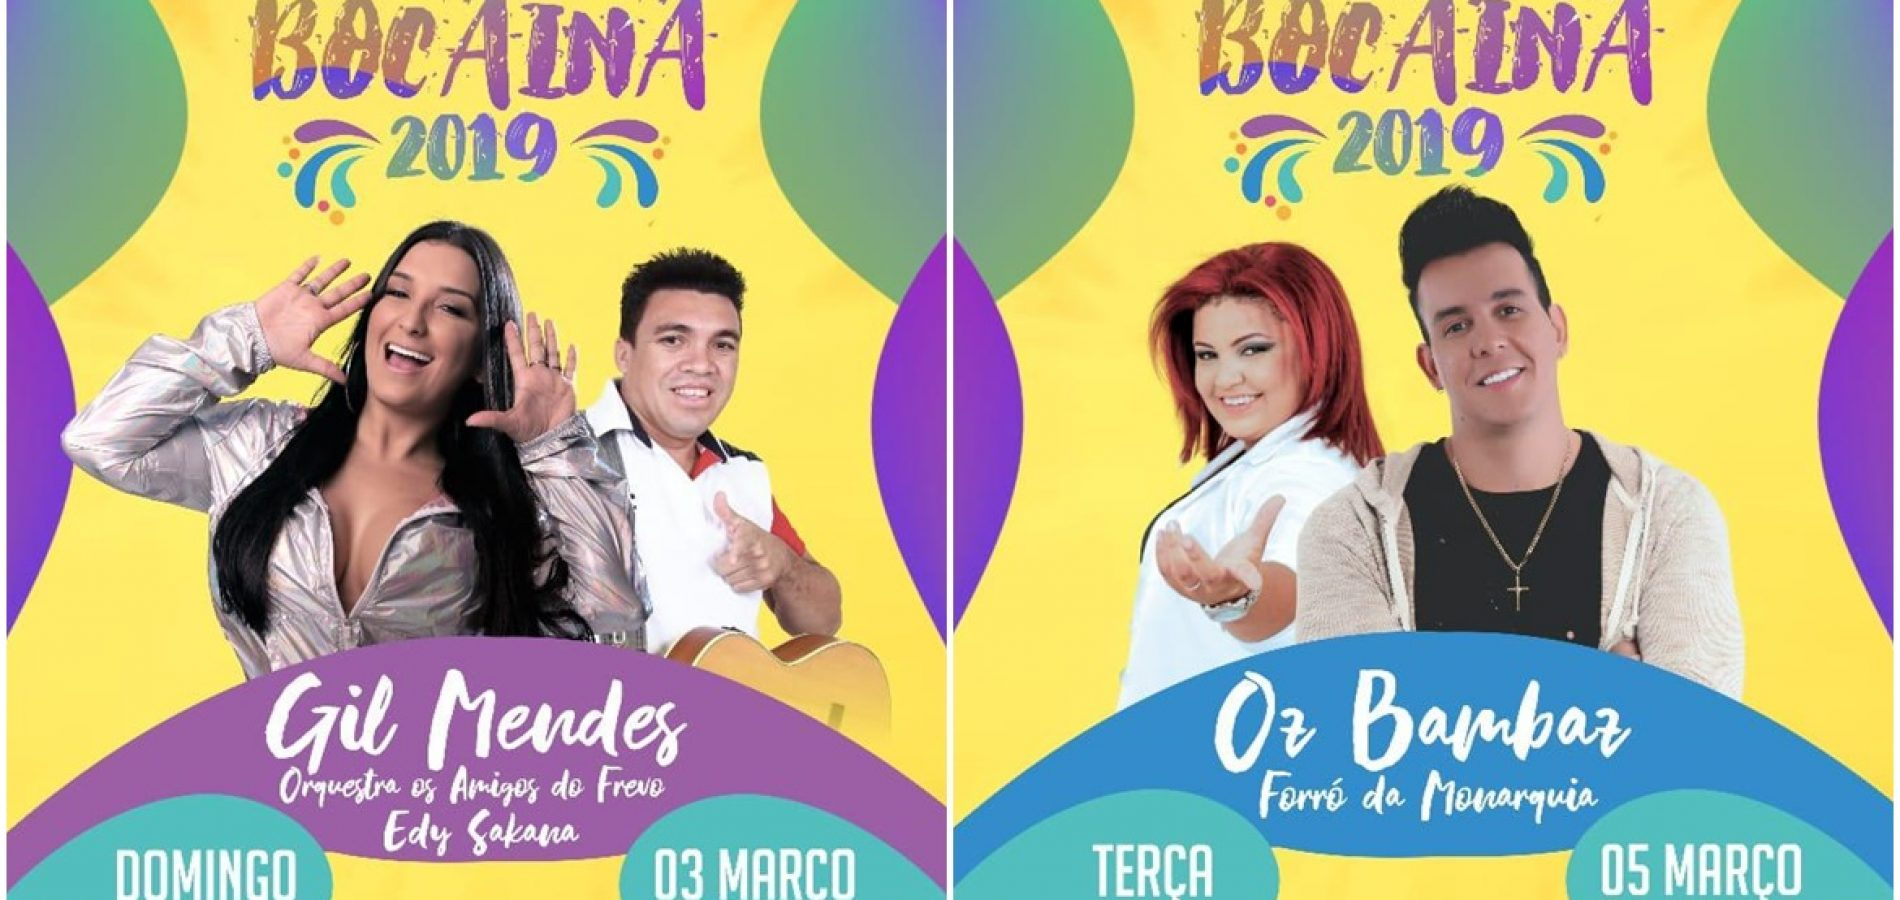 Prefeitura de Bocaina anuncia atrações da festa mais alegre do Brasil, o Carnaval. Confira!